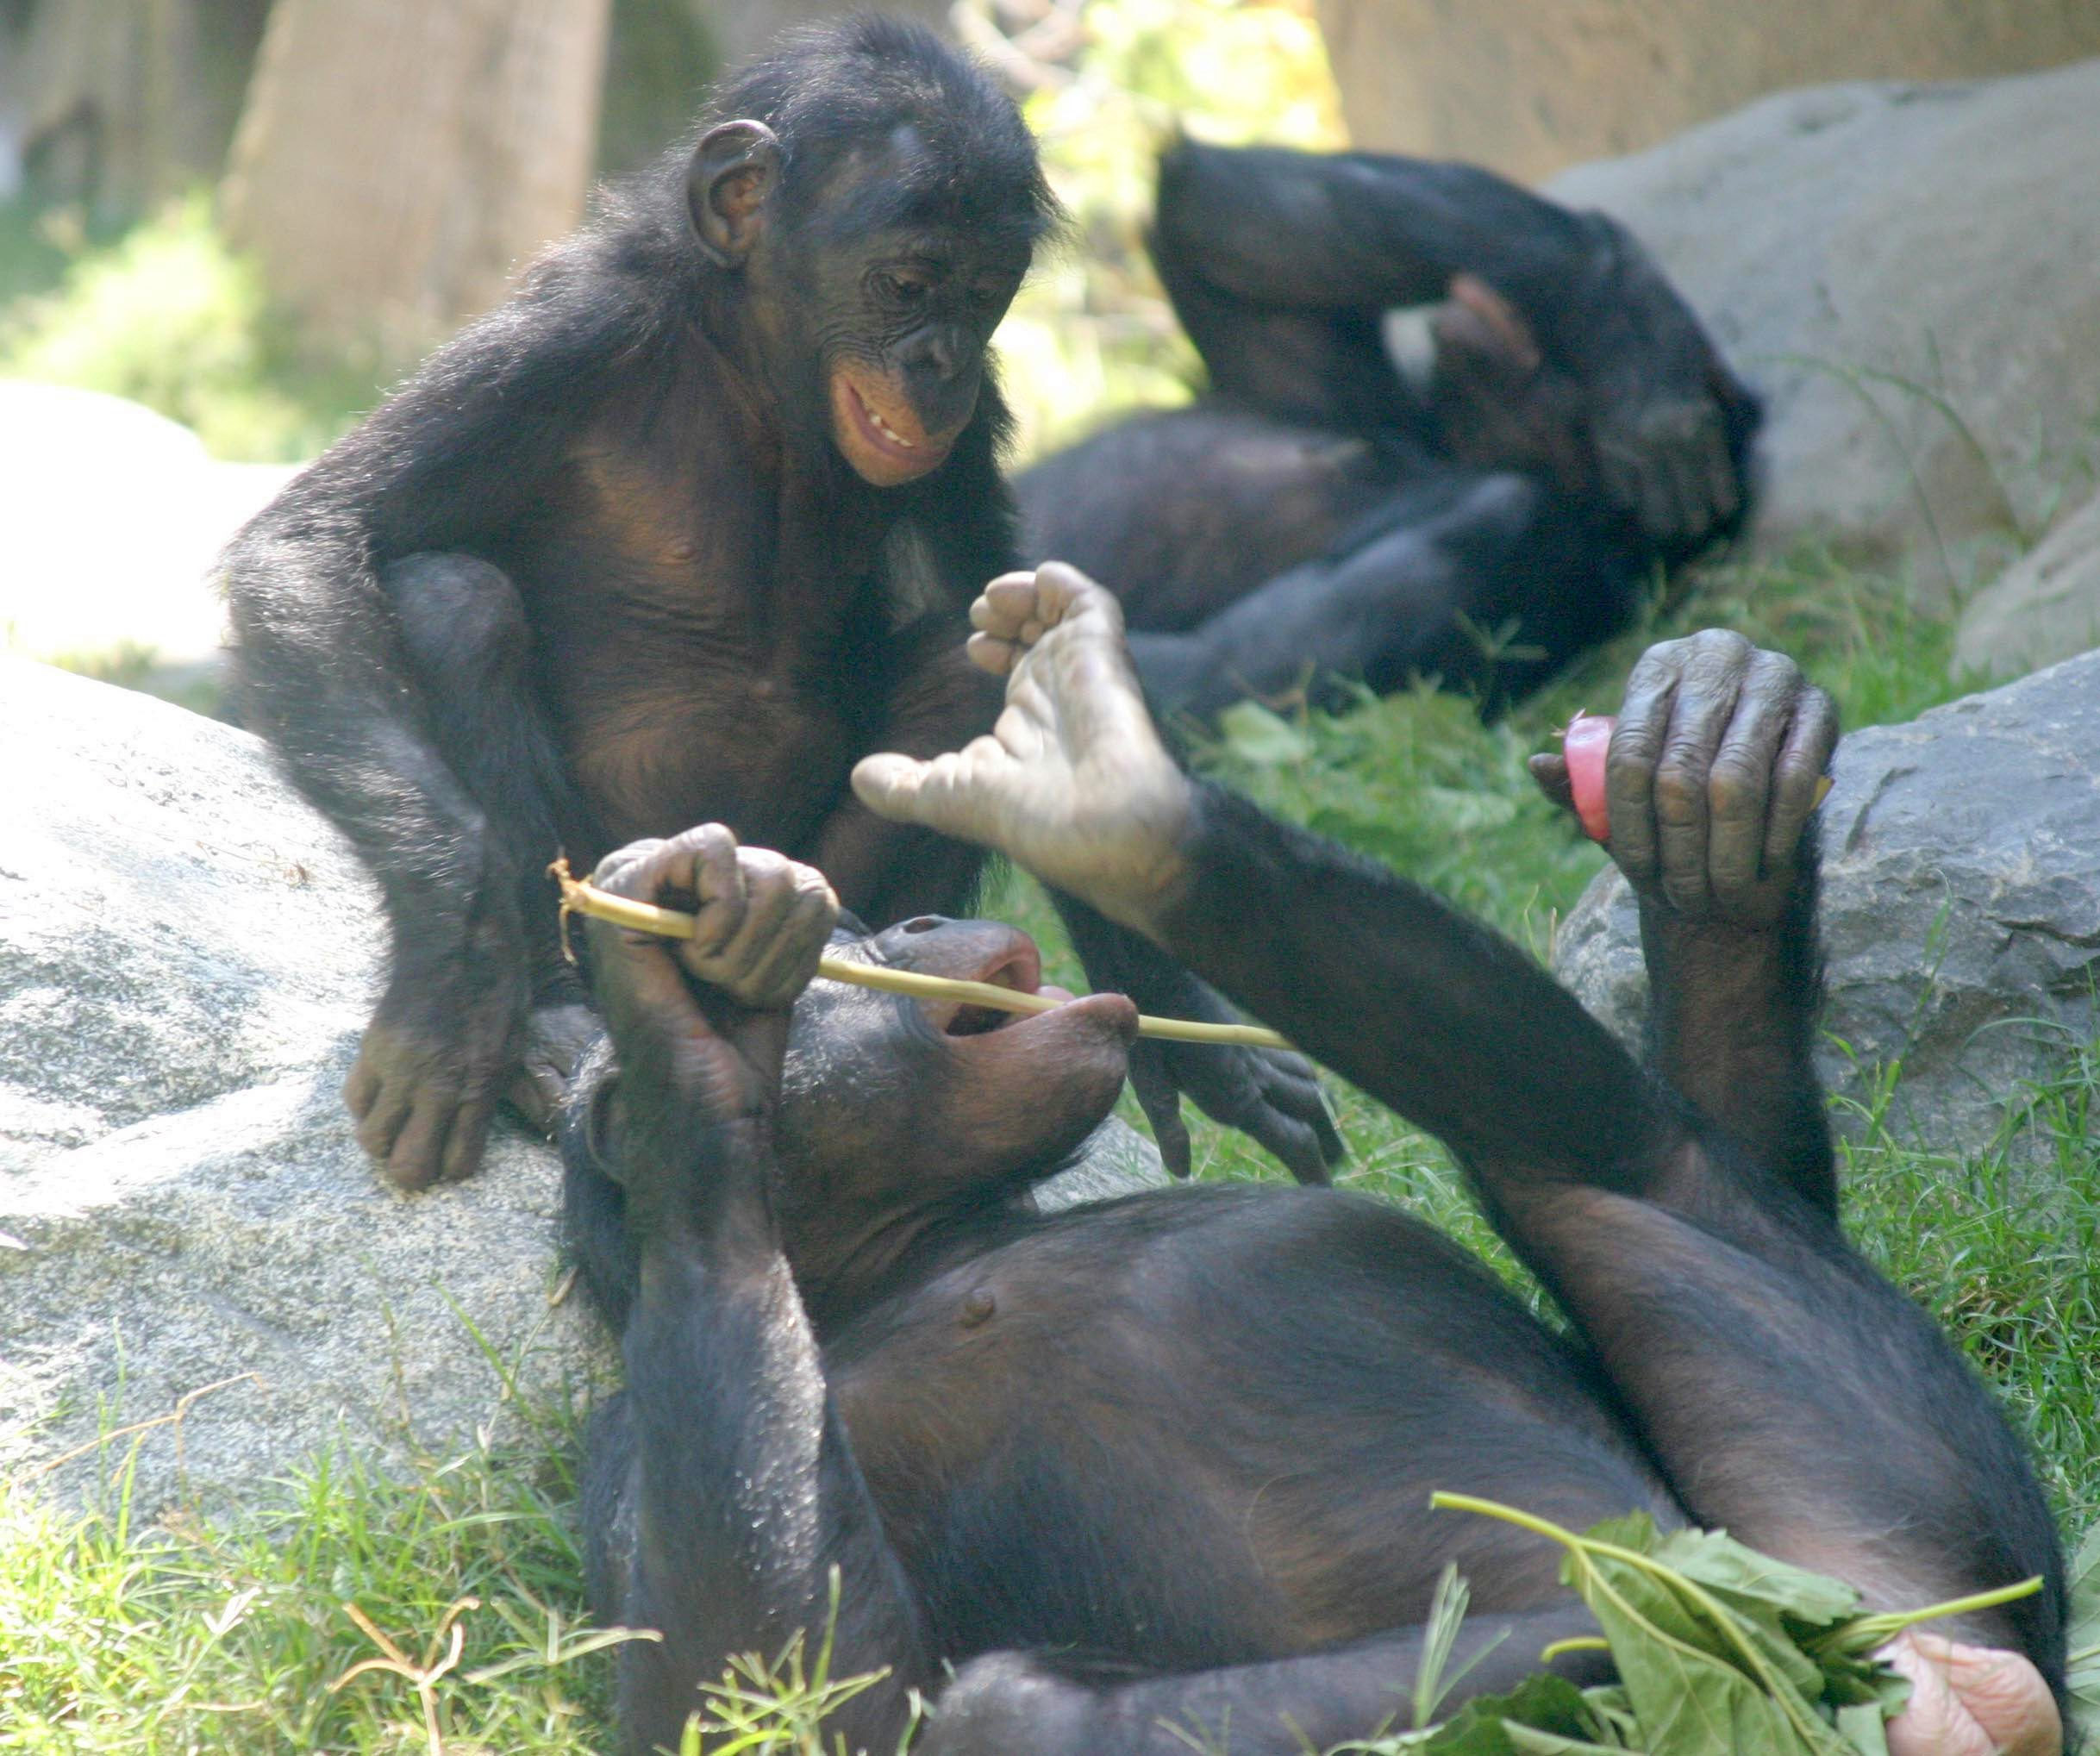 Stolen apes